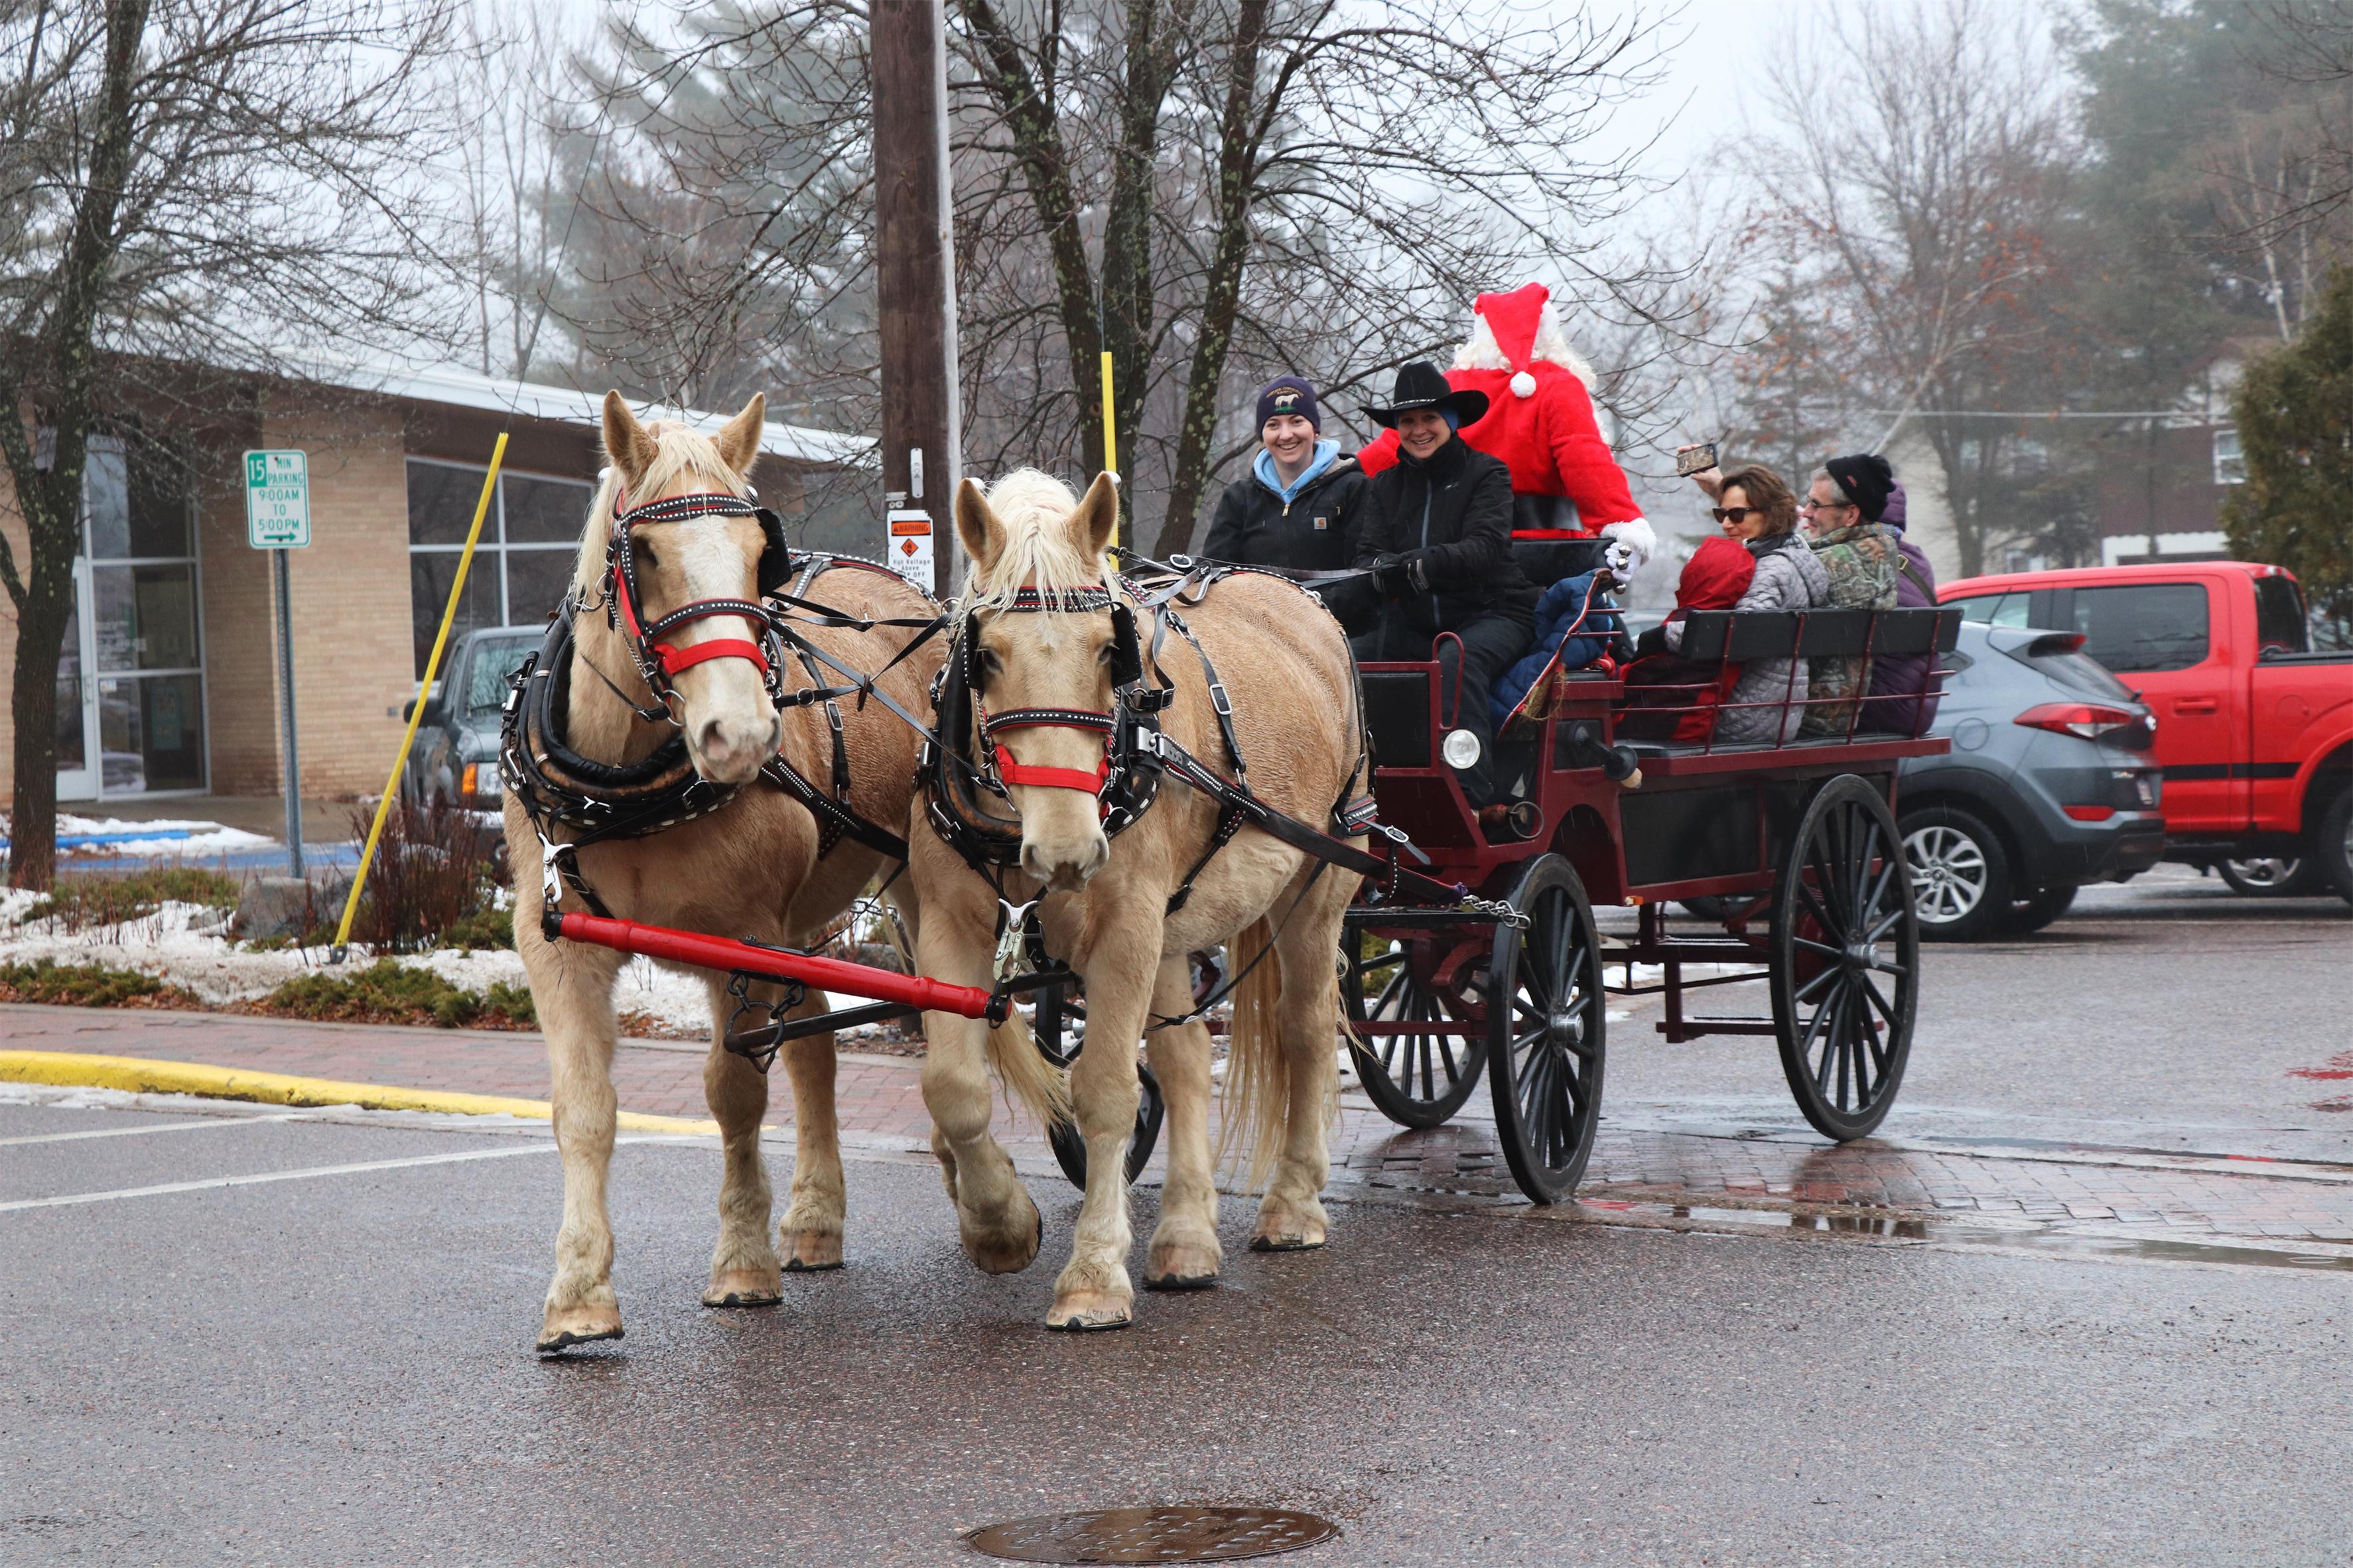 Visitors enjoy horse-drawn wagon rides with Santa at Christmas in Minocqua. Kim Johnson photo